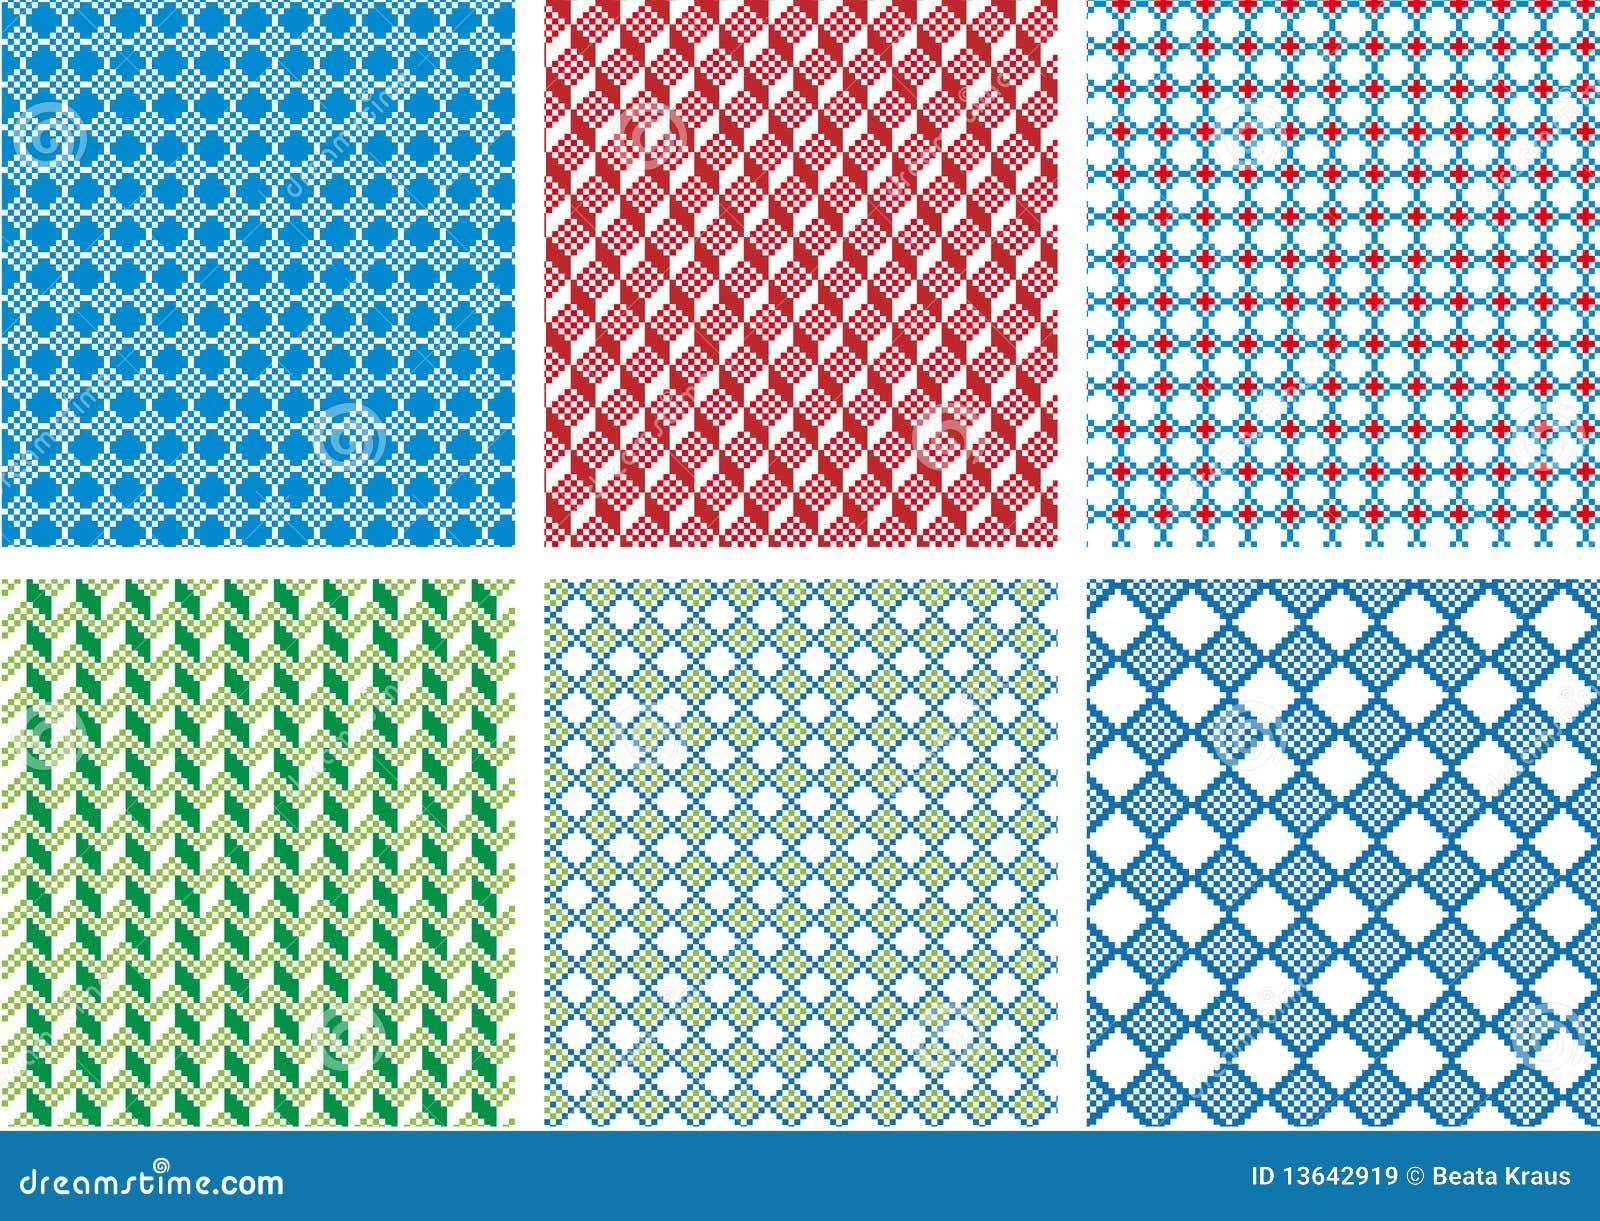 pattern royalty background patterns - photo #33